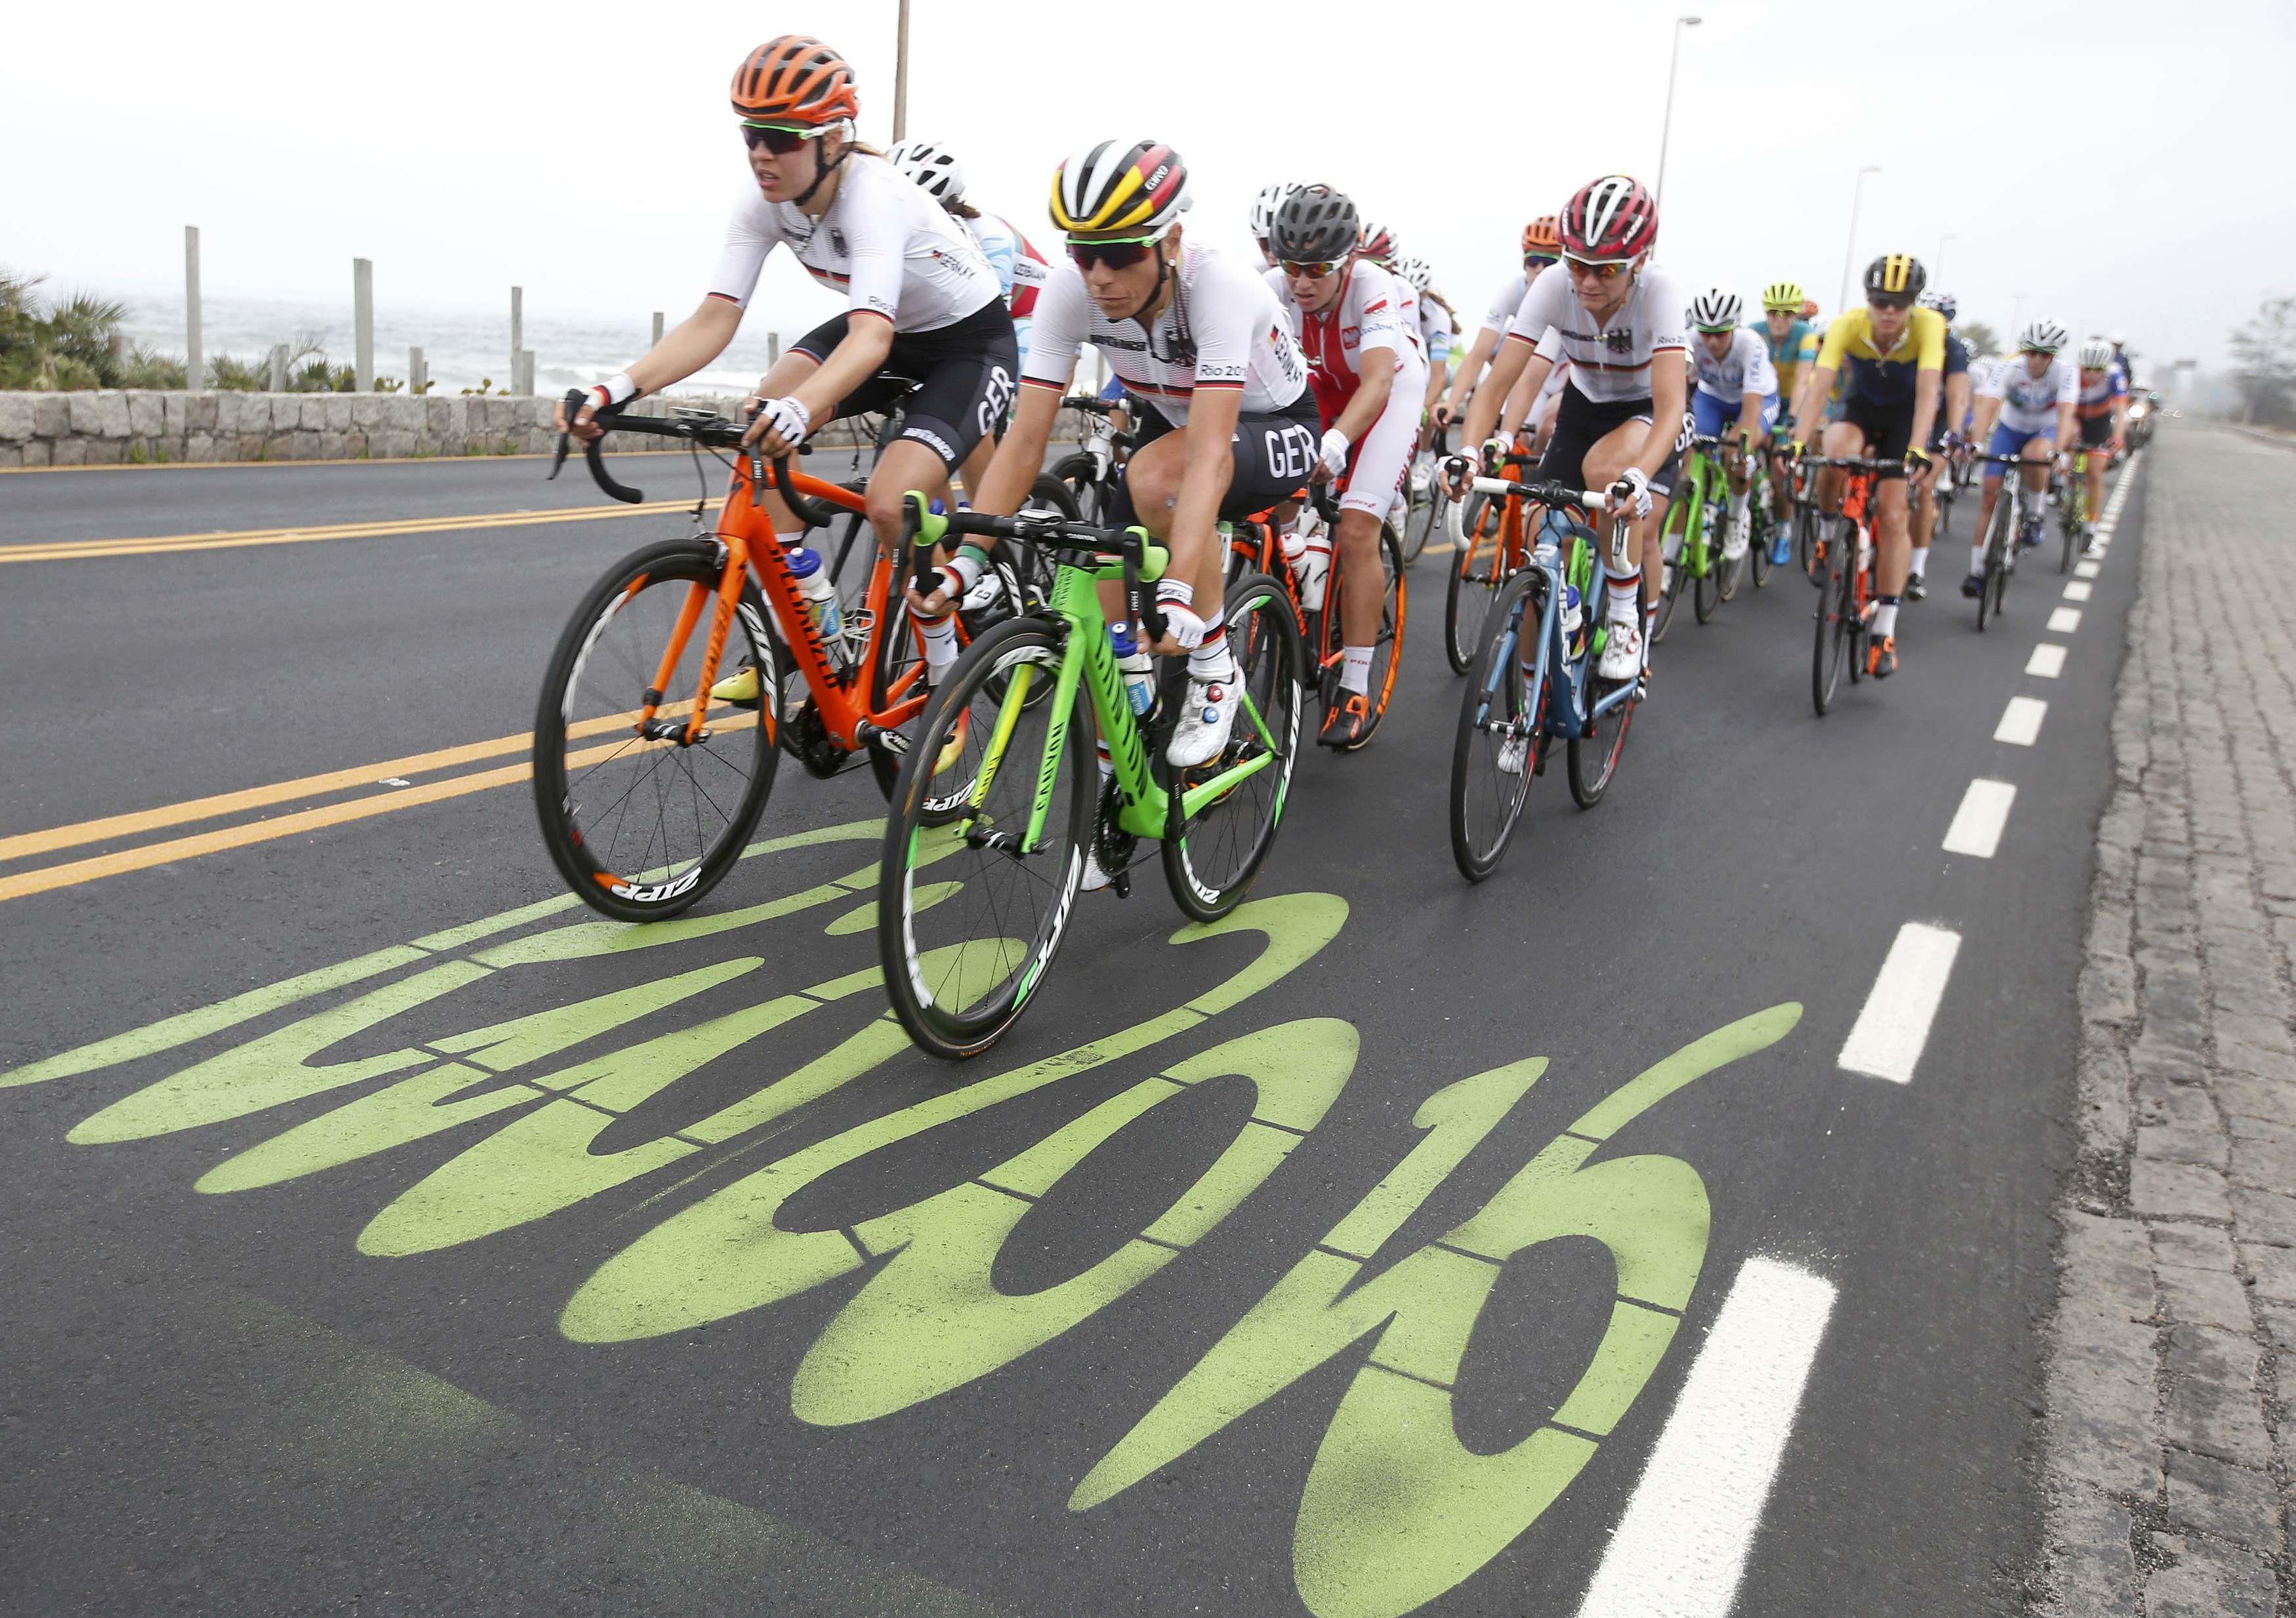 Ciclismo en los Juegos Olímpicos de Río